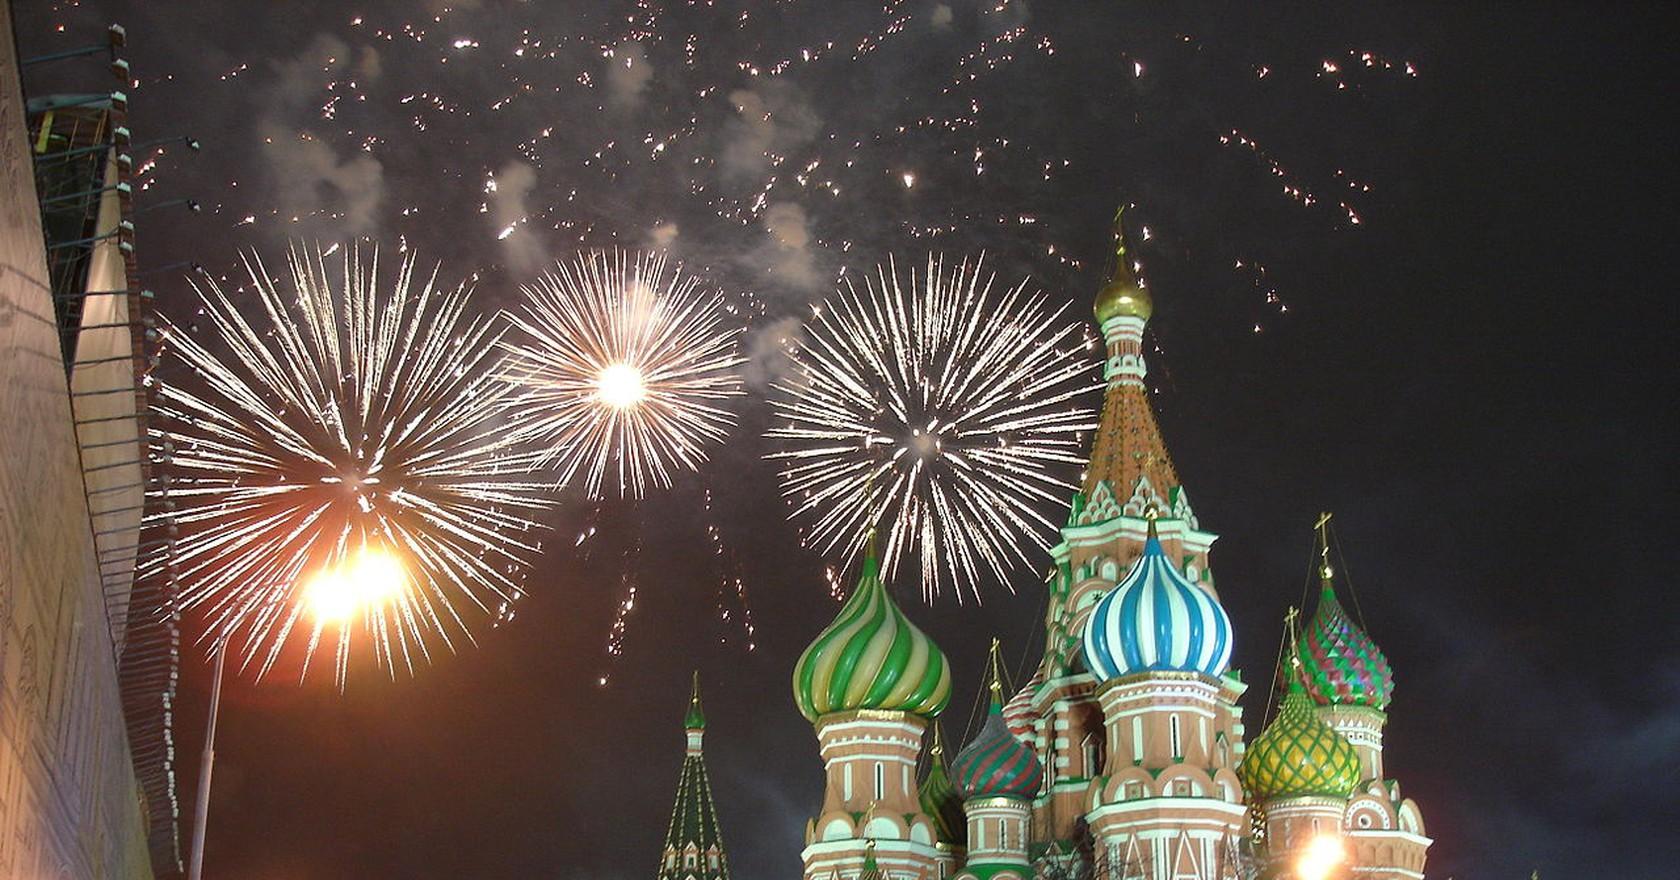 Russian bottom boi poked stupid